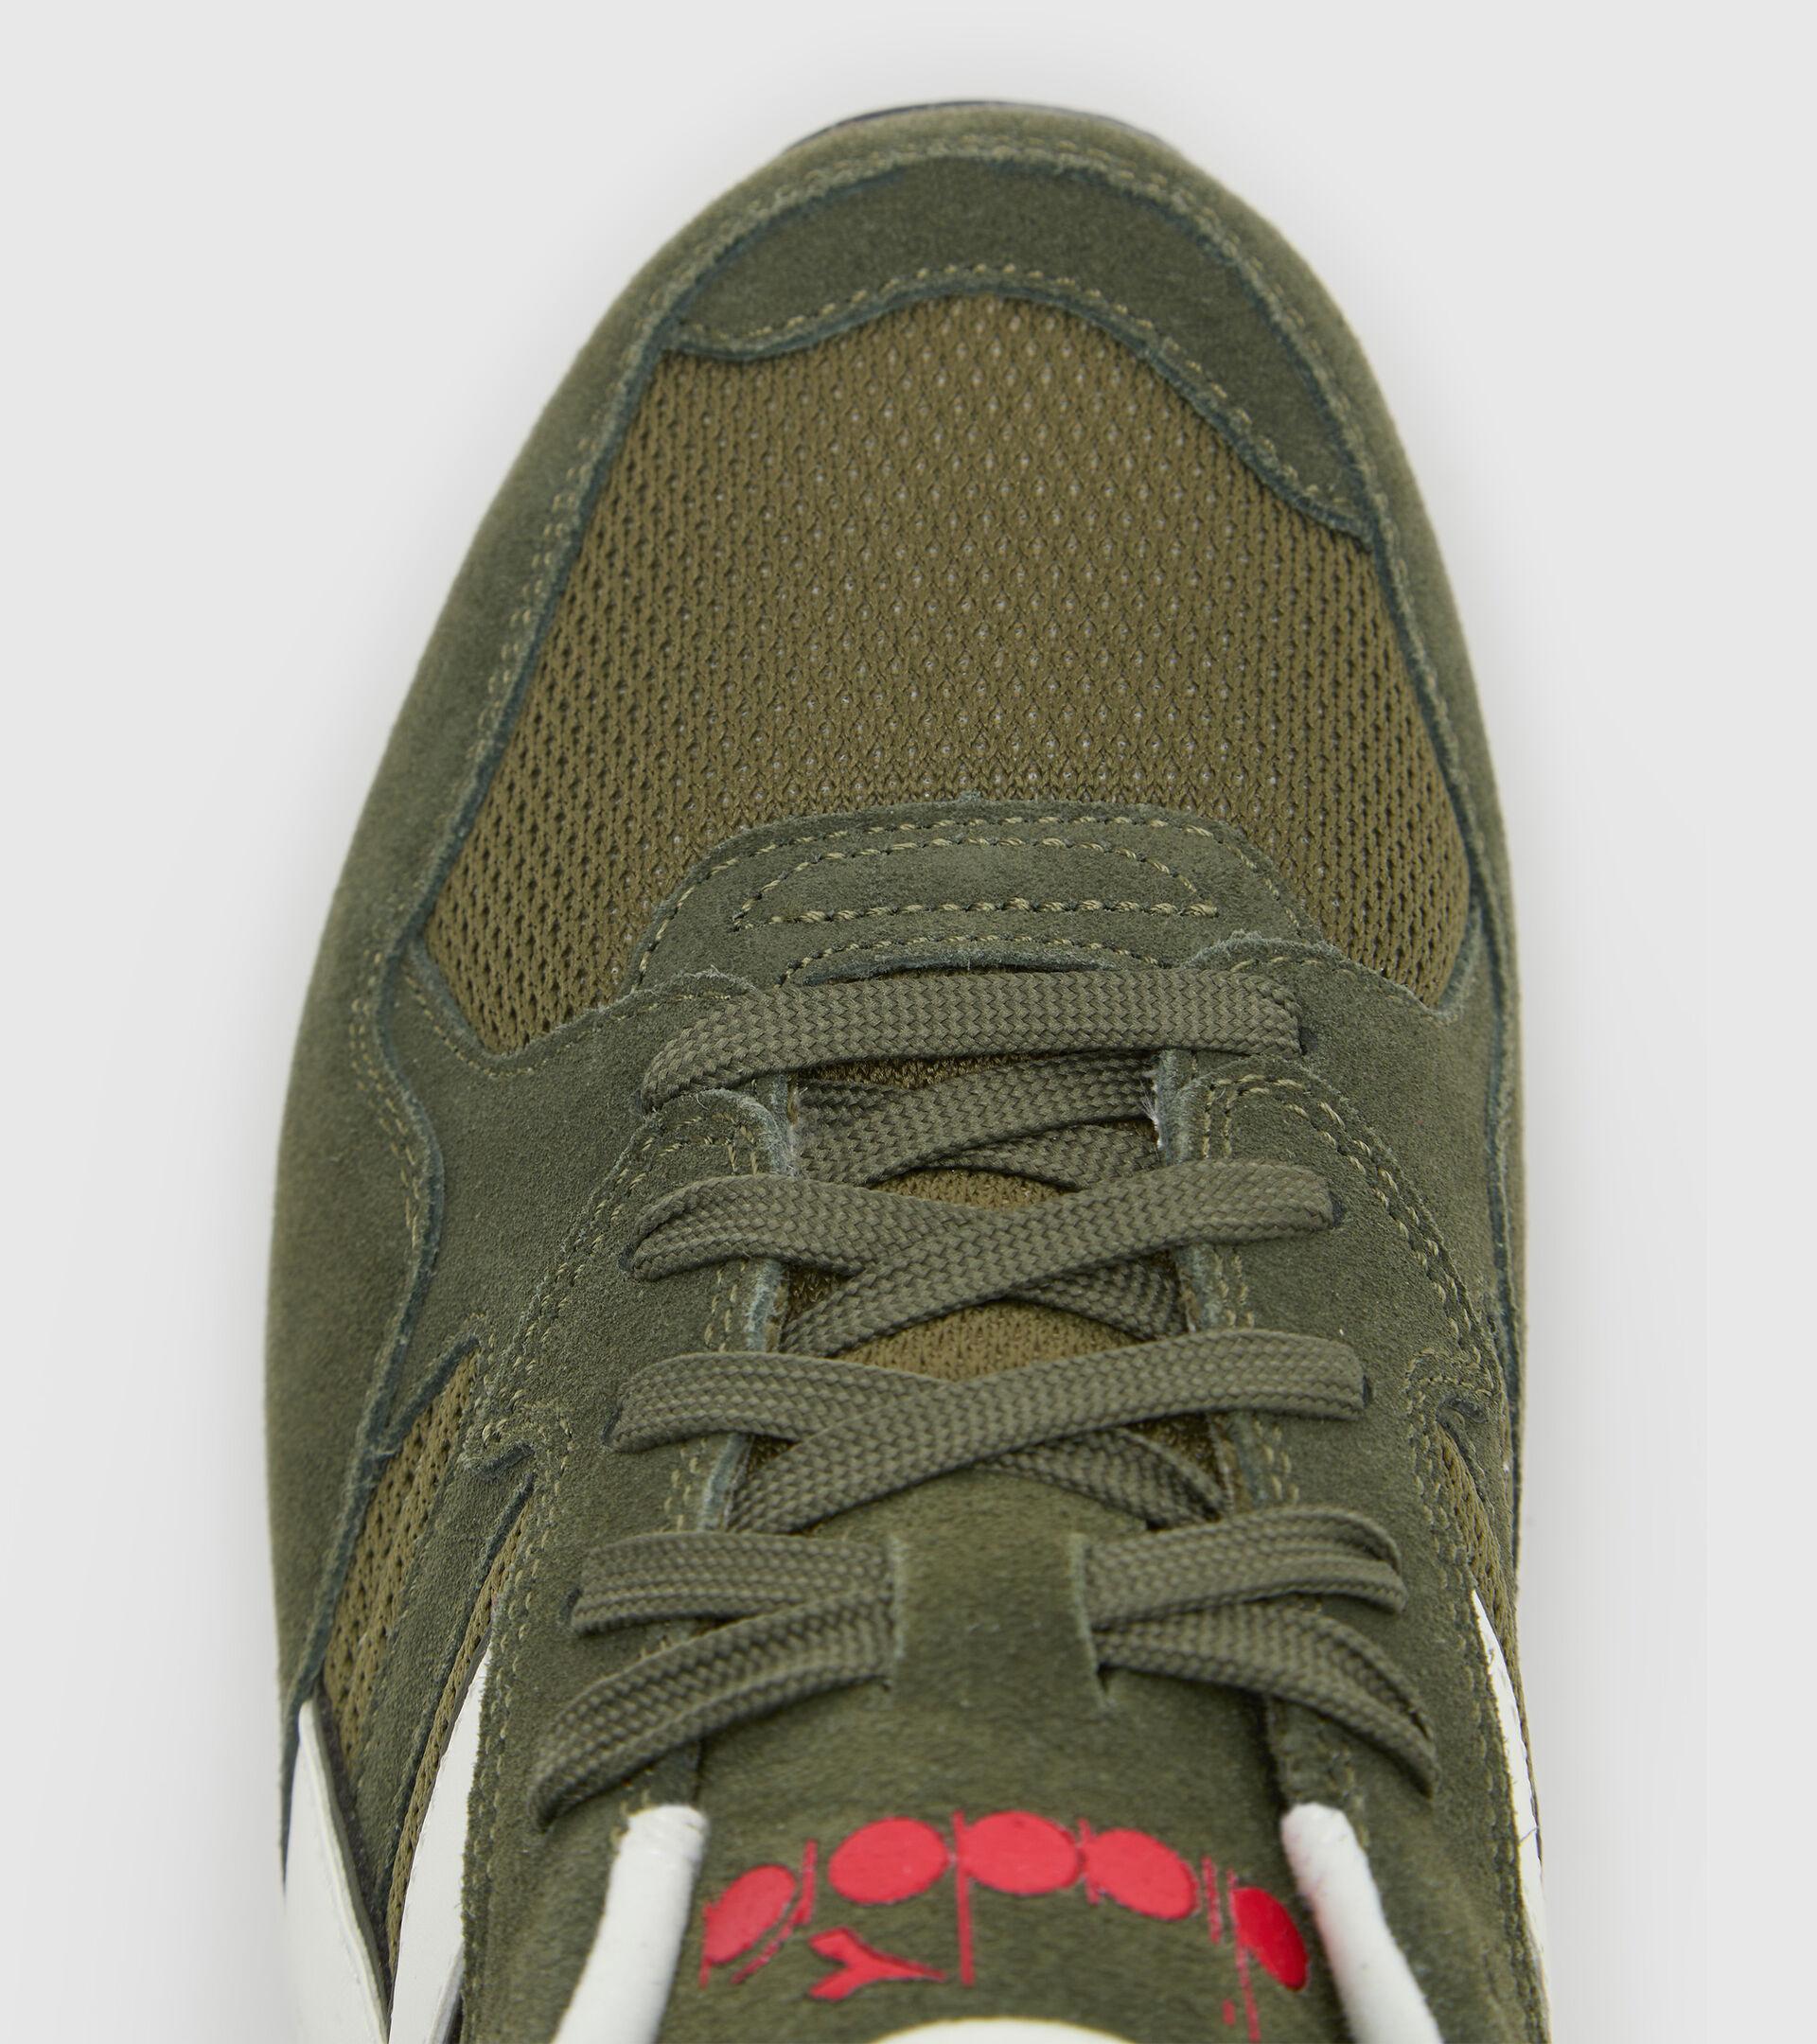 Footwear Sportswear UNISEX N902 S VERDE FIFLE Diadora